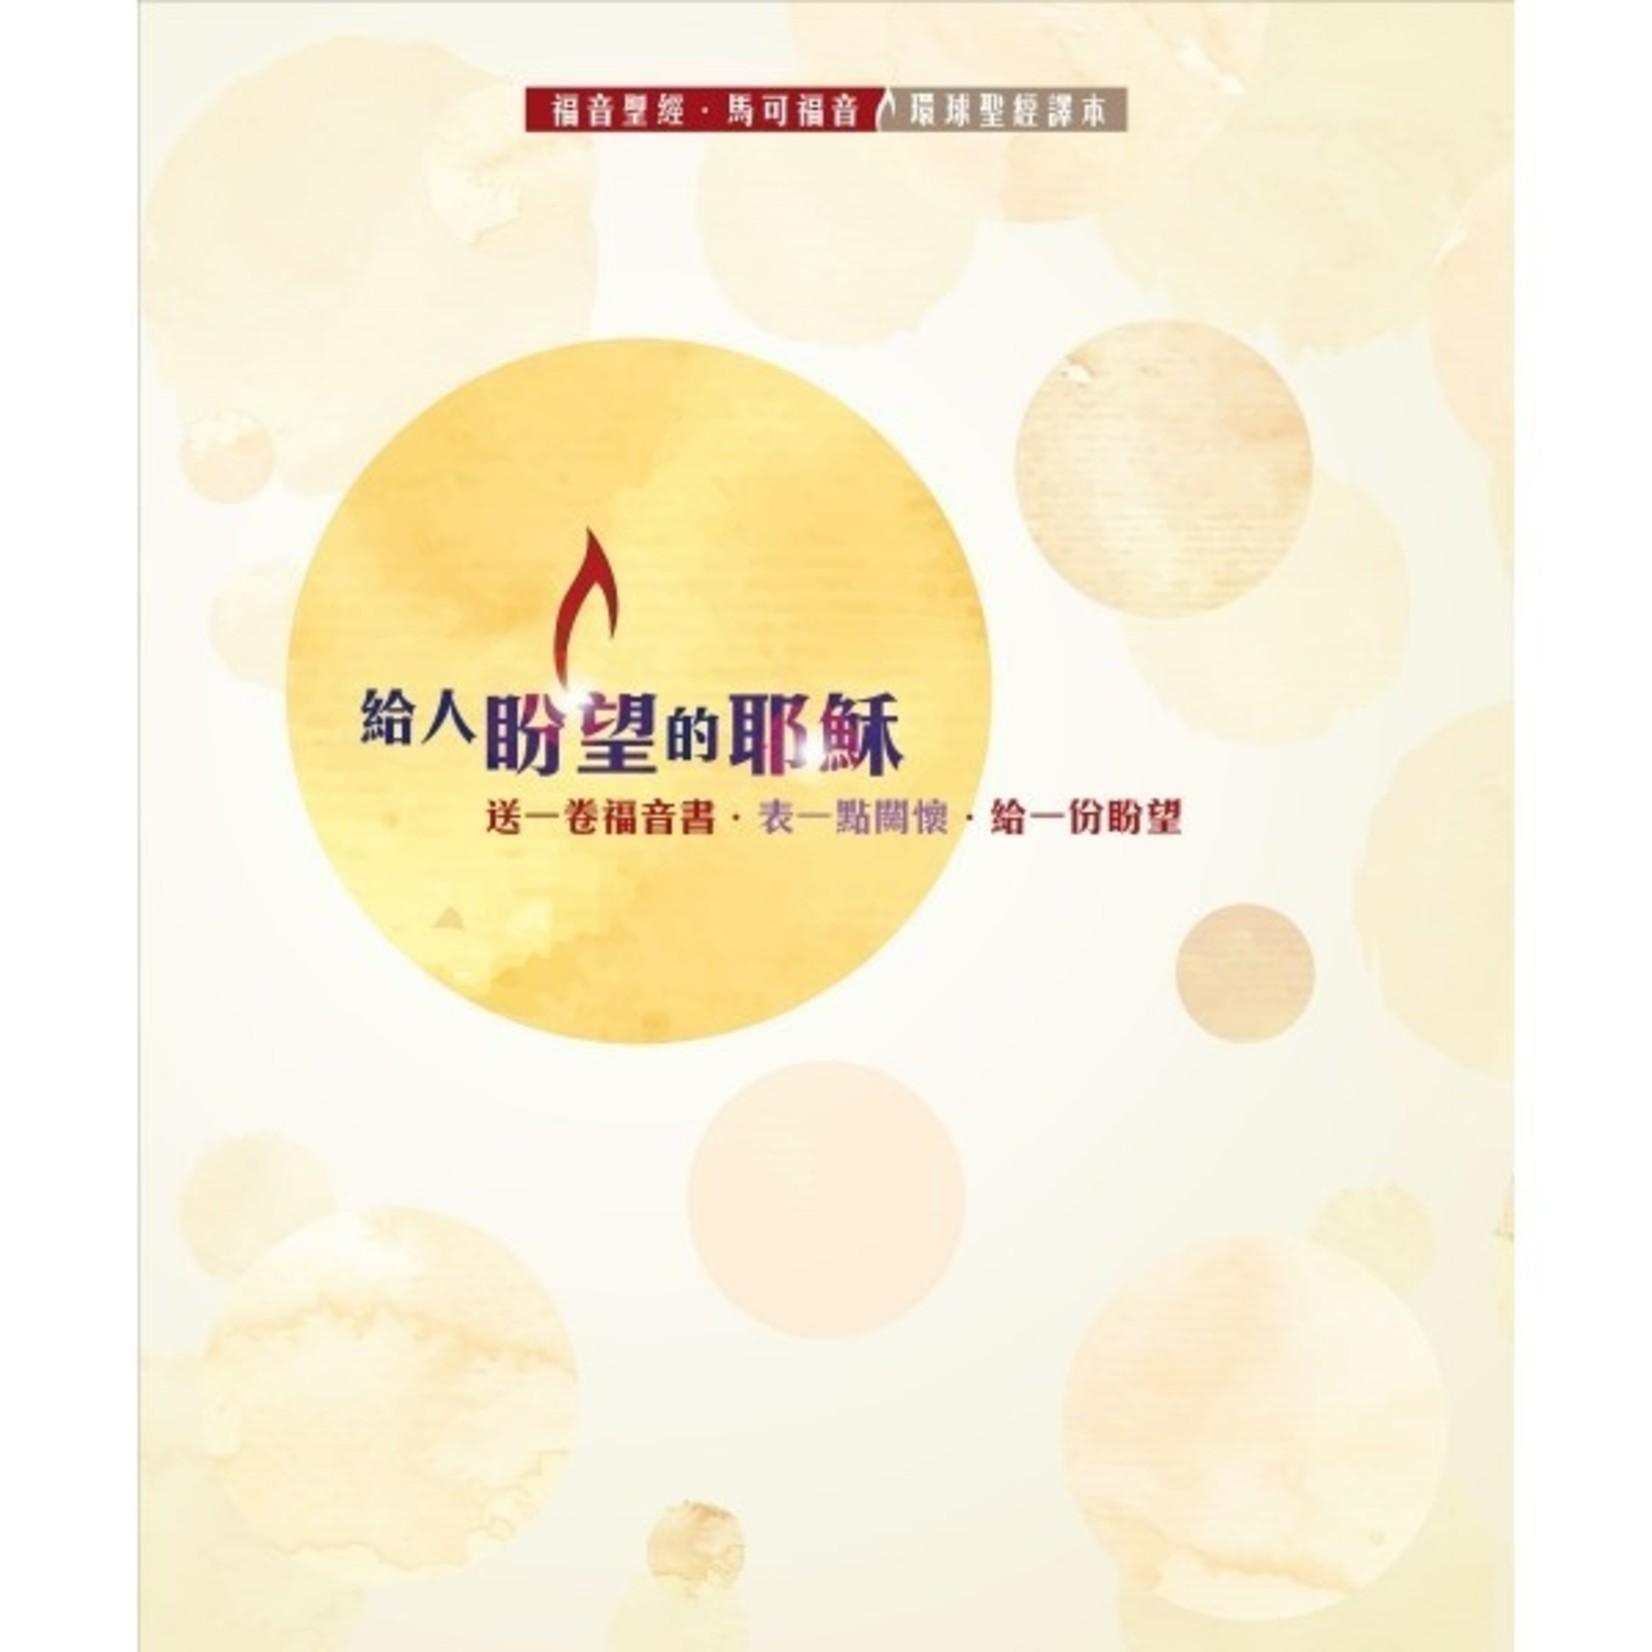 環球聖經公會 The Worldwide Bible Society 給人盼望的耶穌:福音聖經.馬可福音(簡體)